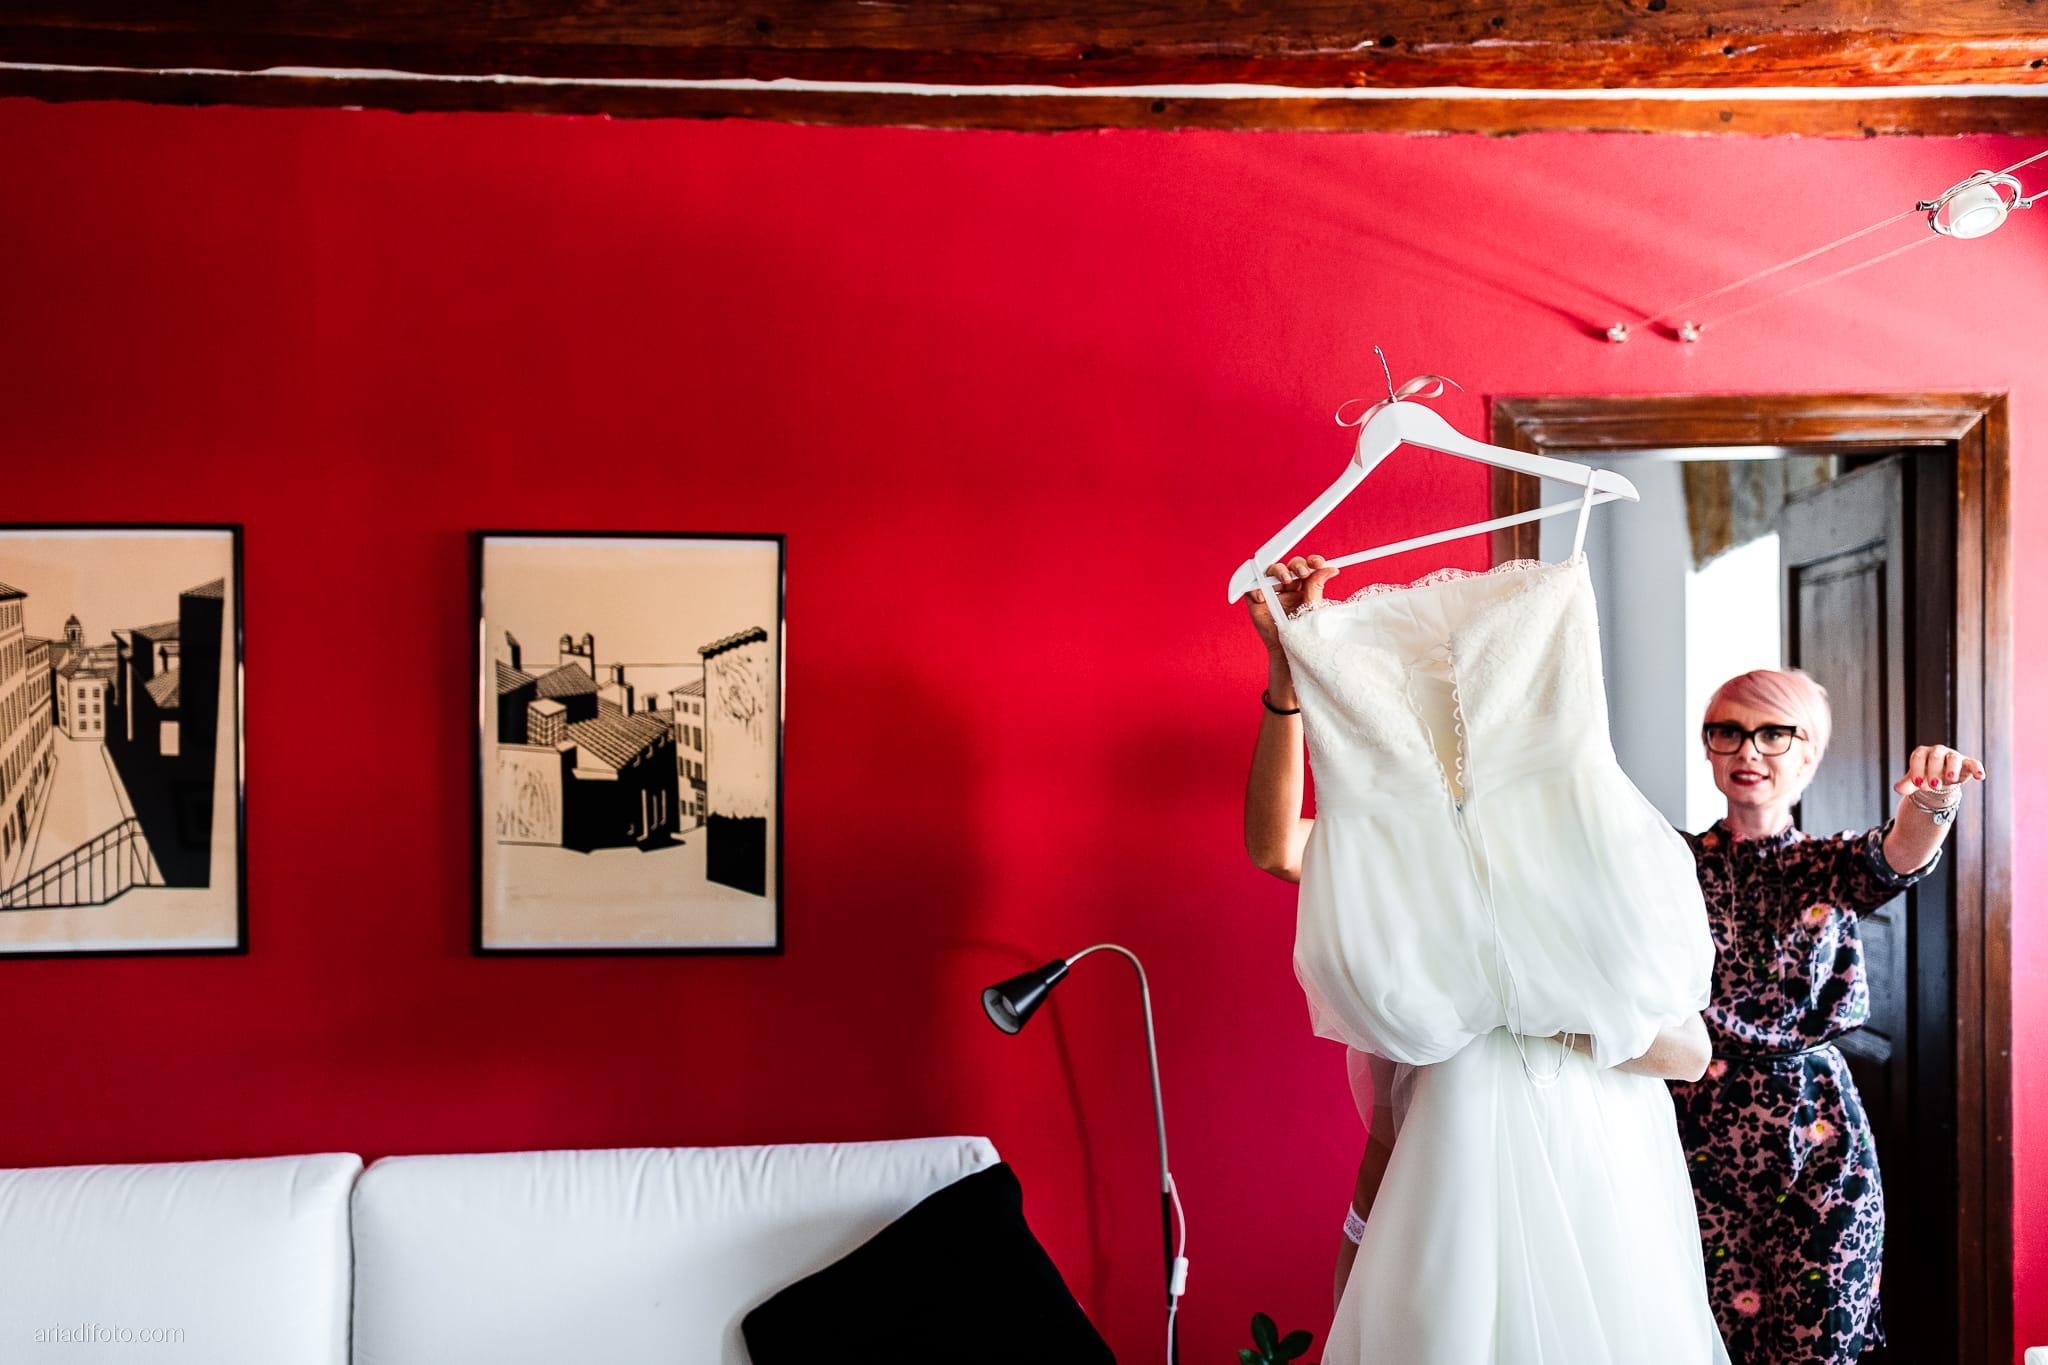 Marina Stefano Matrimonio Castello San Giusto Molo IV Trieste preparativi sposa vestizione